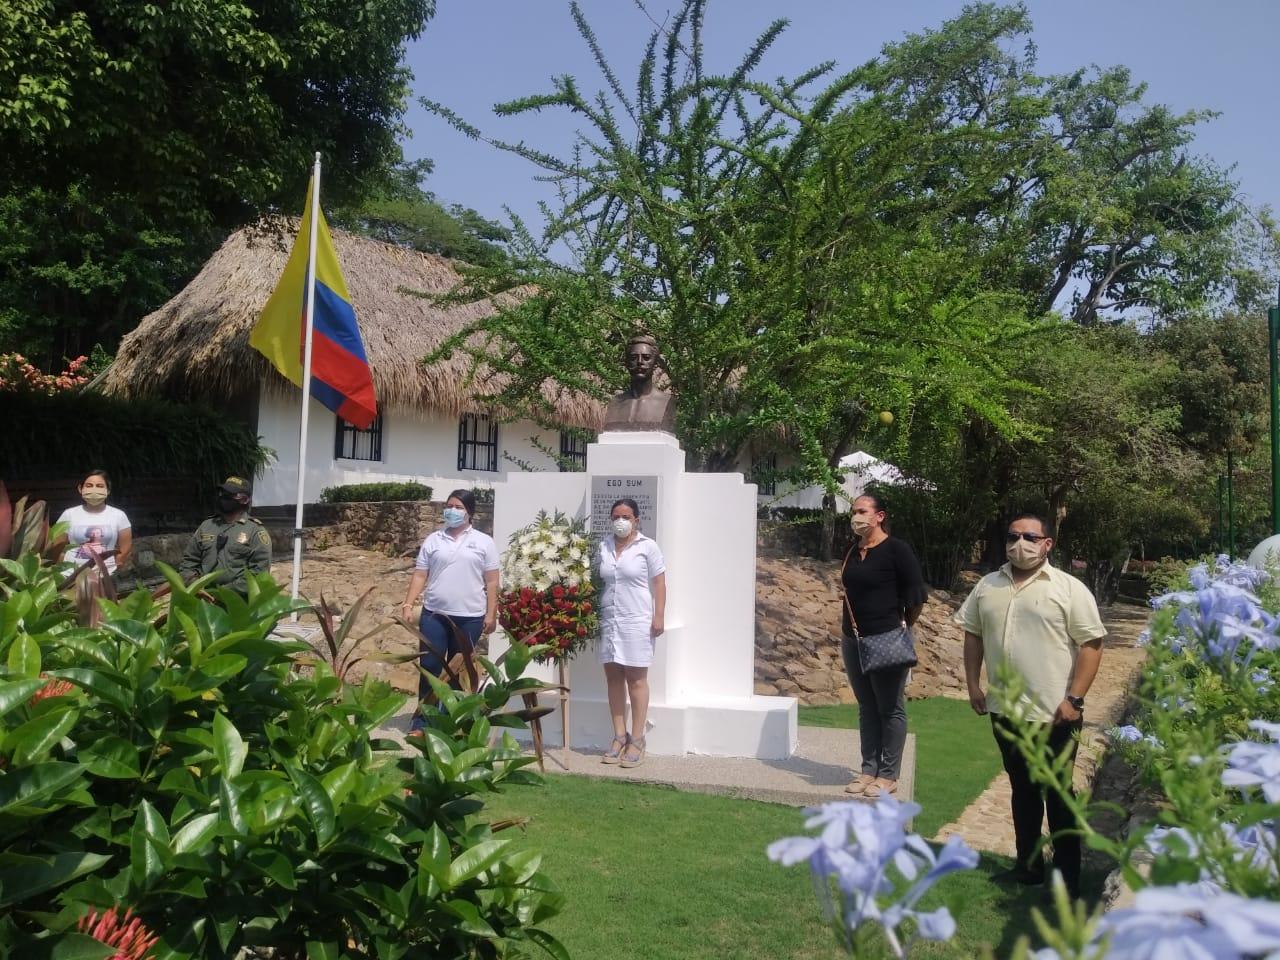 Conmemoración del Natalicio de nuestro Poeta Julio Florez, hoy 22 de Mayo de 2.020, en los jardines de la Casa del Poeta en Usiacurí